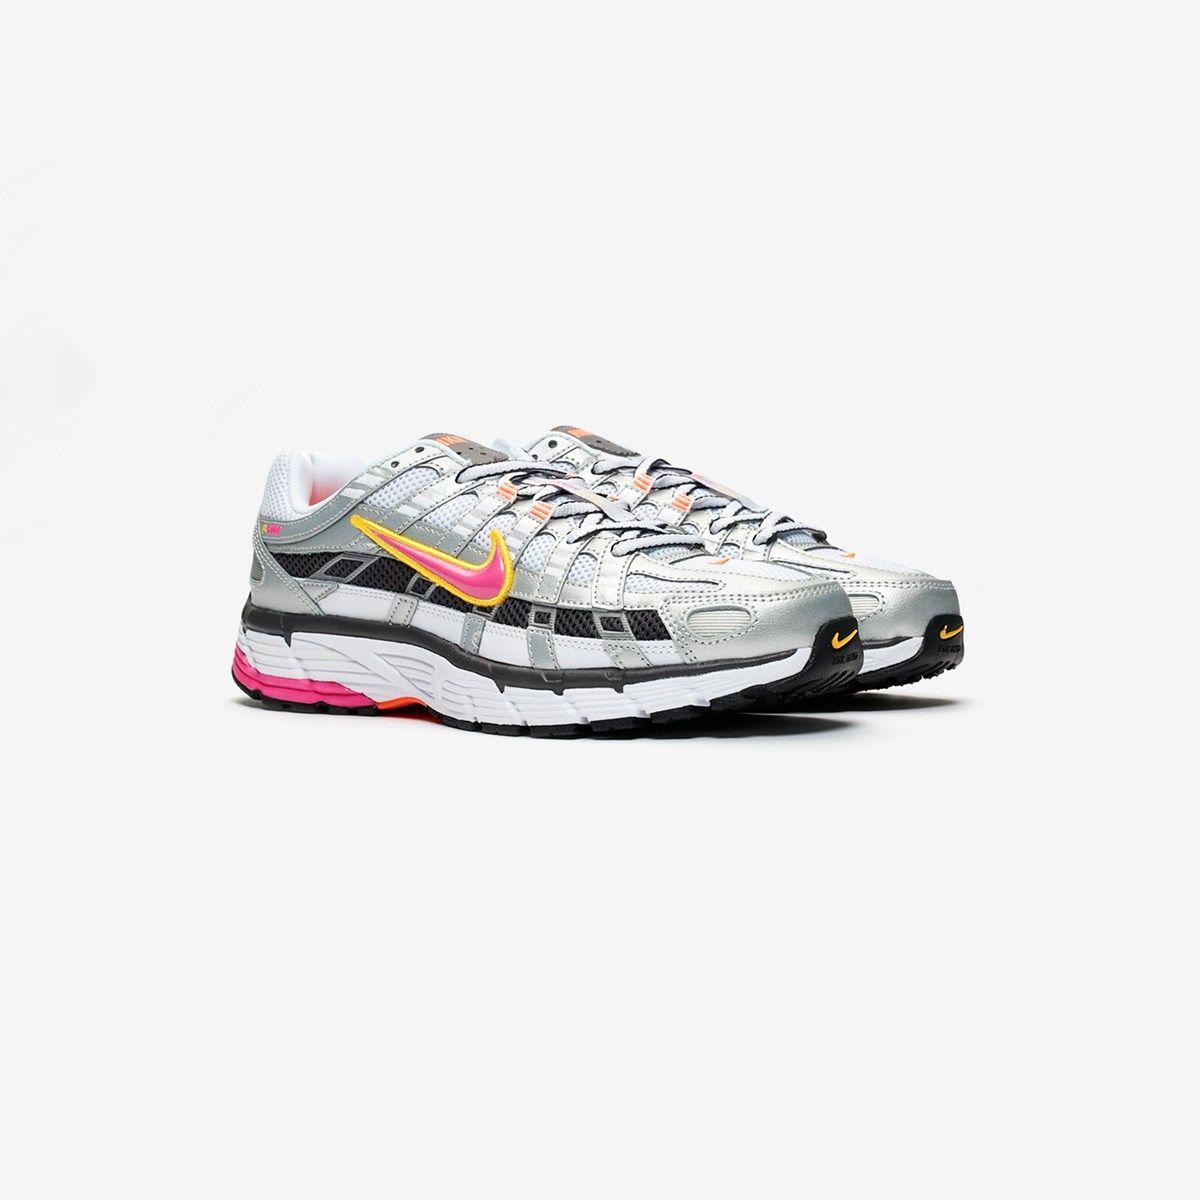 48456e79 Nike Wmns P-6000 - Bv1021-100 - Sneakersnstuff   sneakers & streetwear  online since 1999